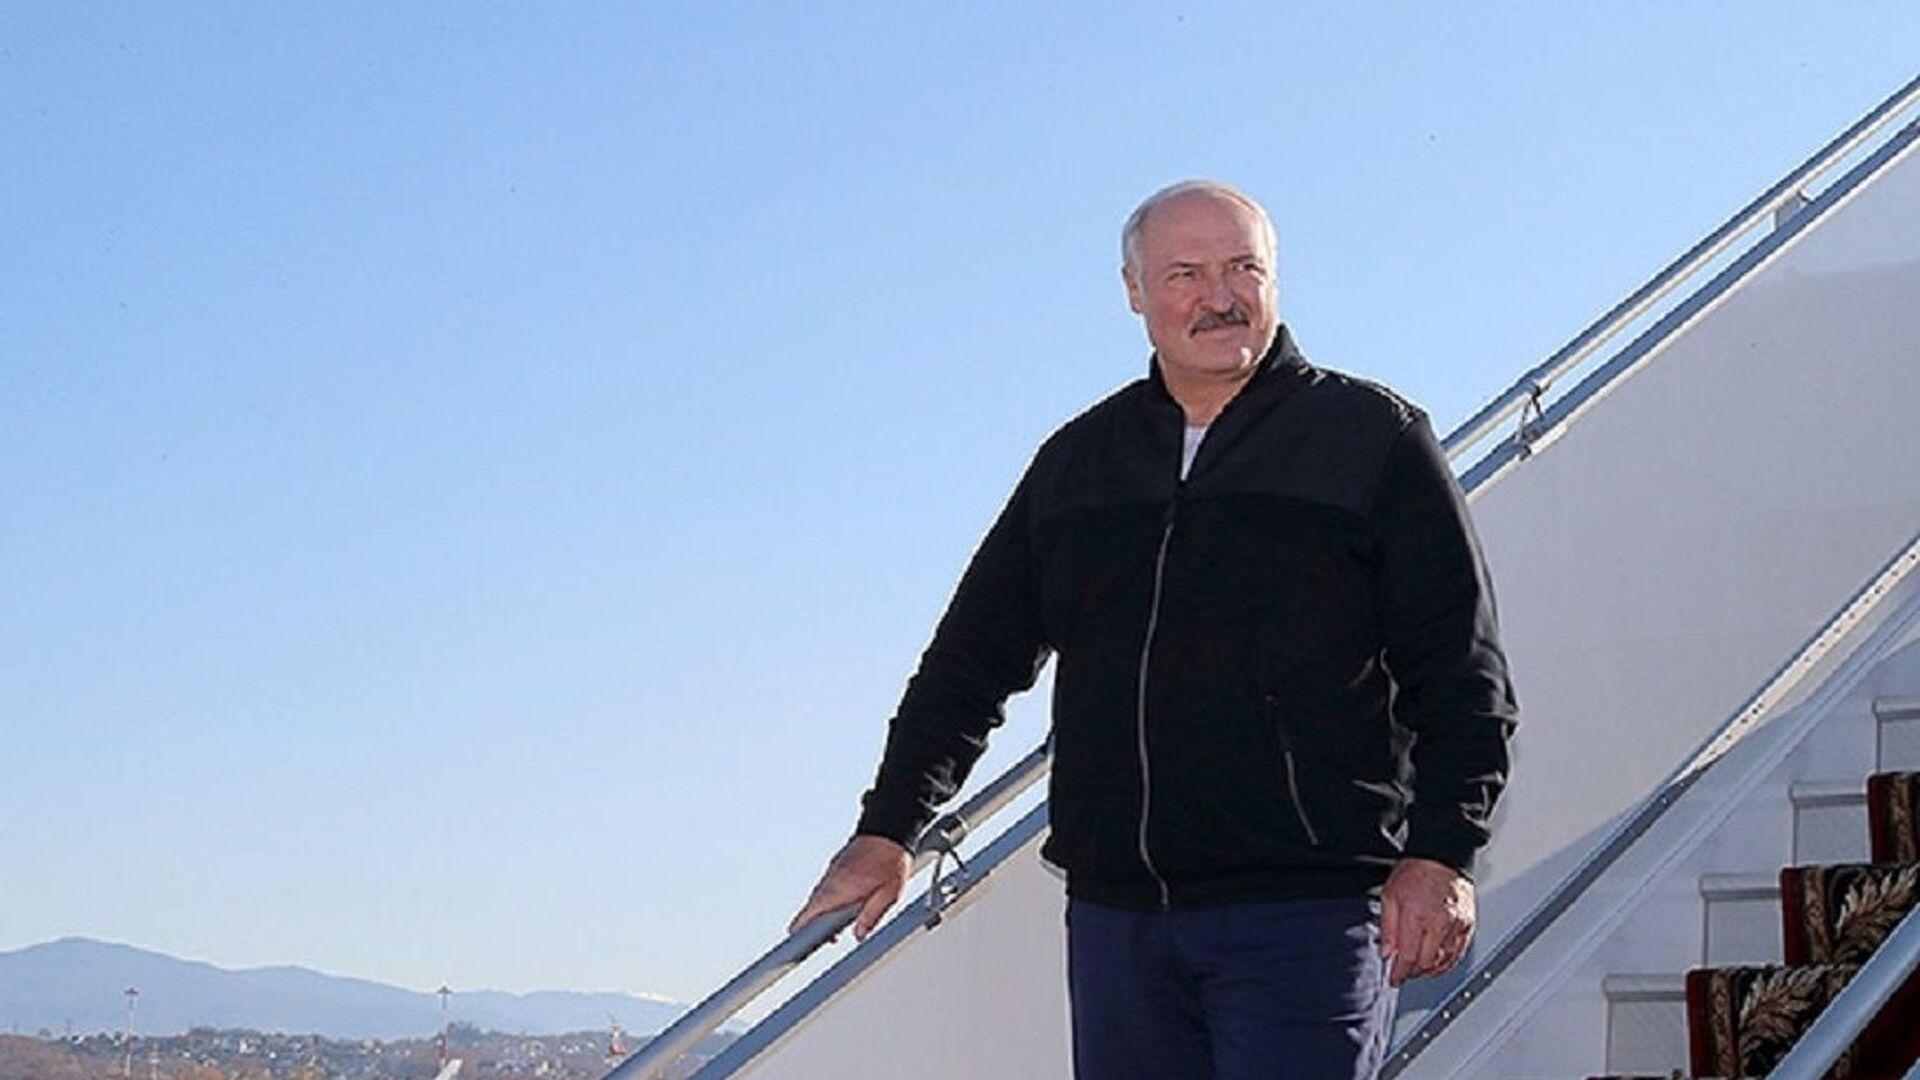 Лукашенко прибыл в Сочи на встречу с Путиным - Sputnik Беларусь, 1920, 24.09.2021